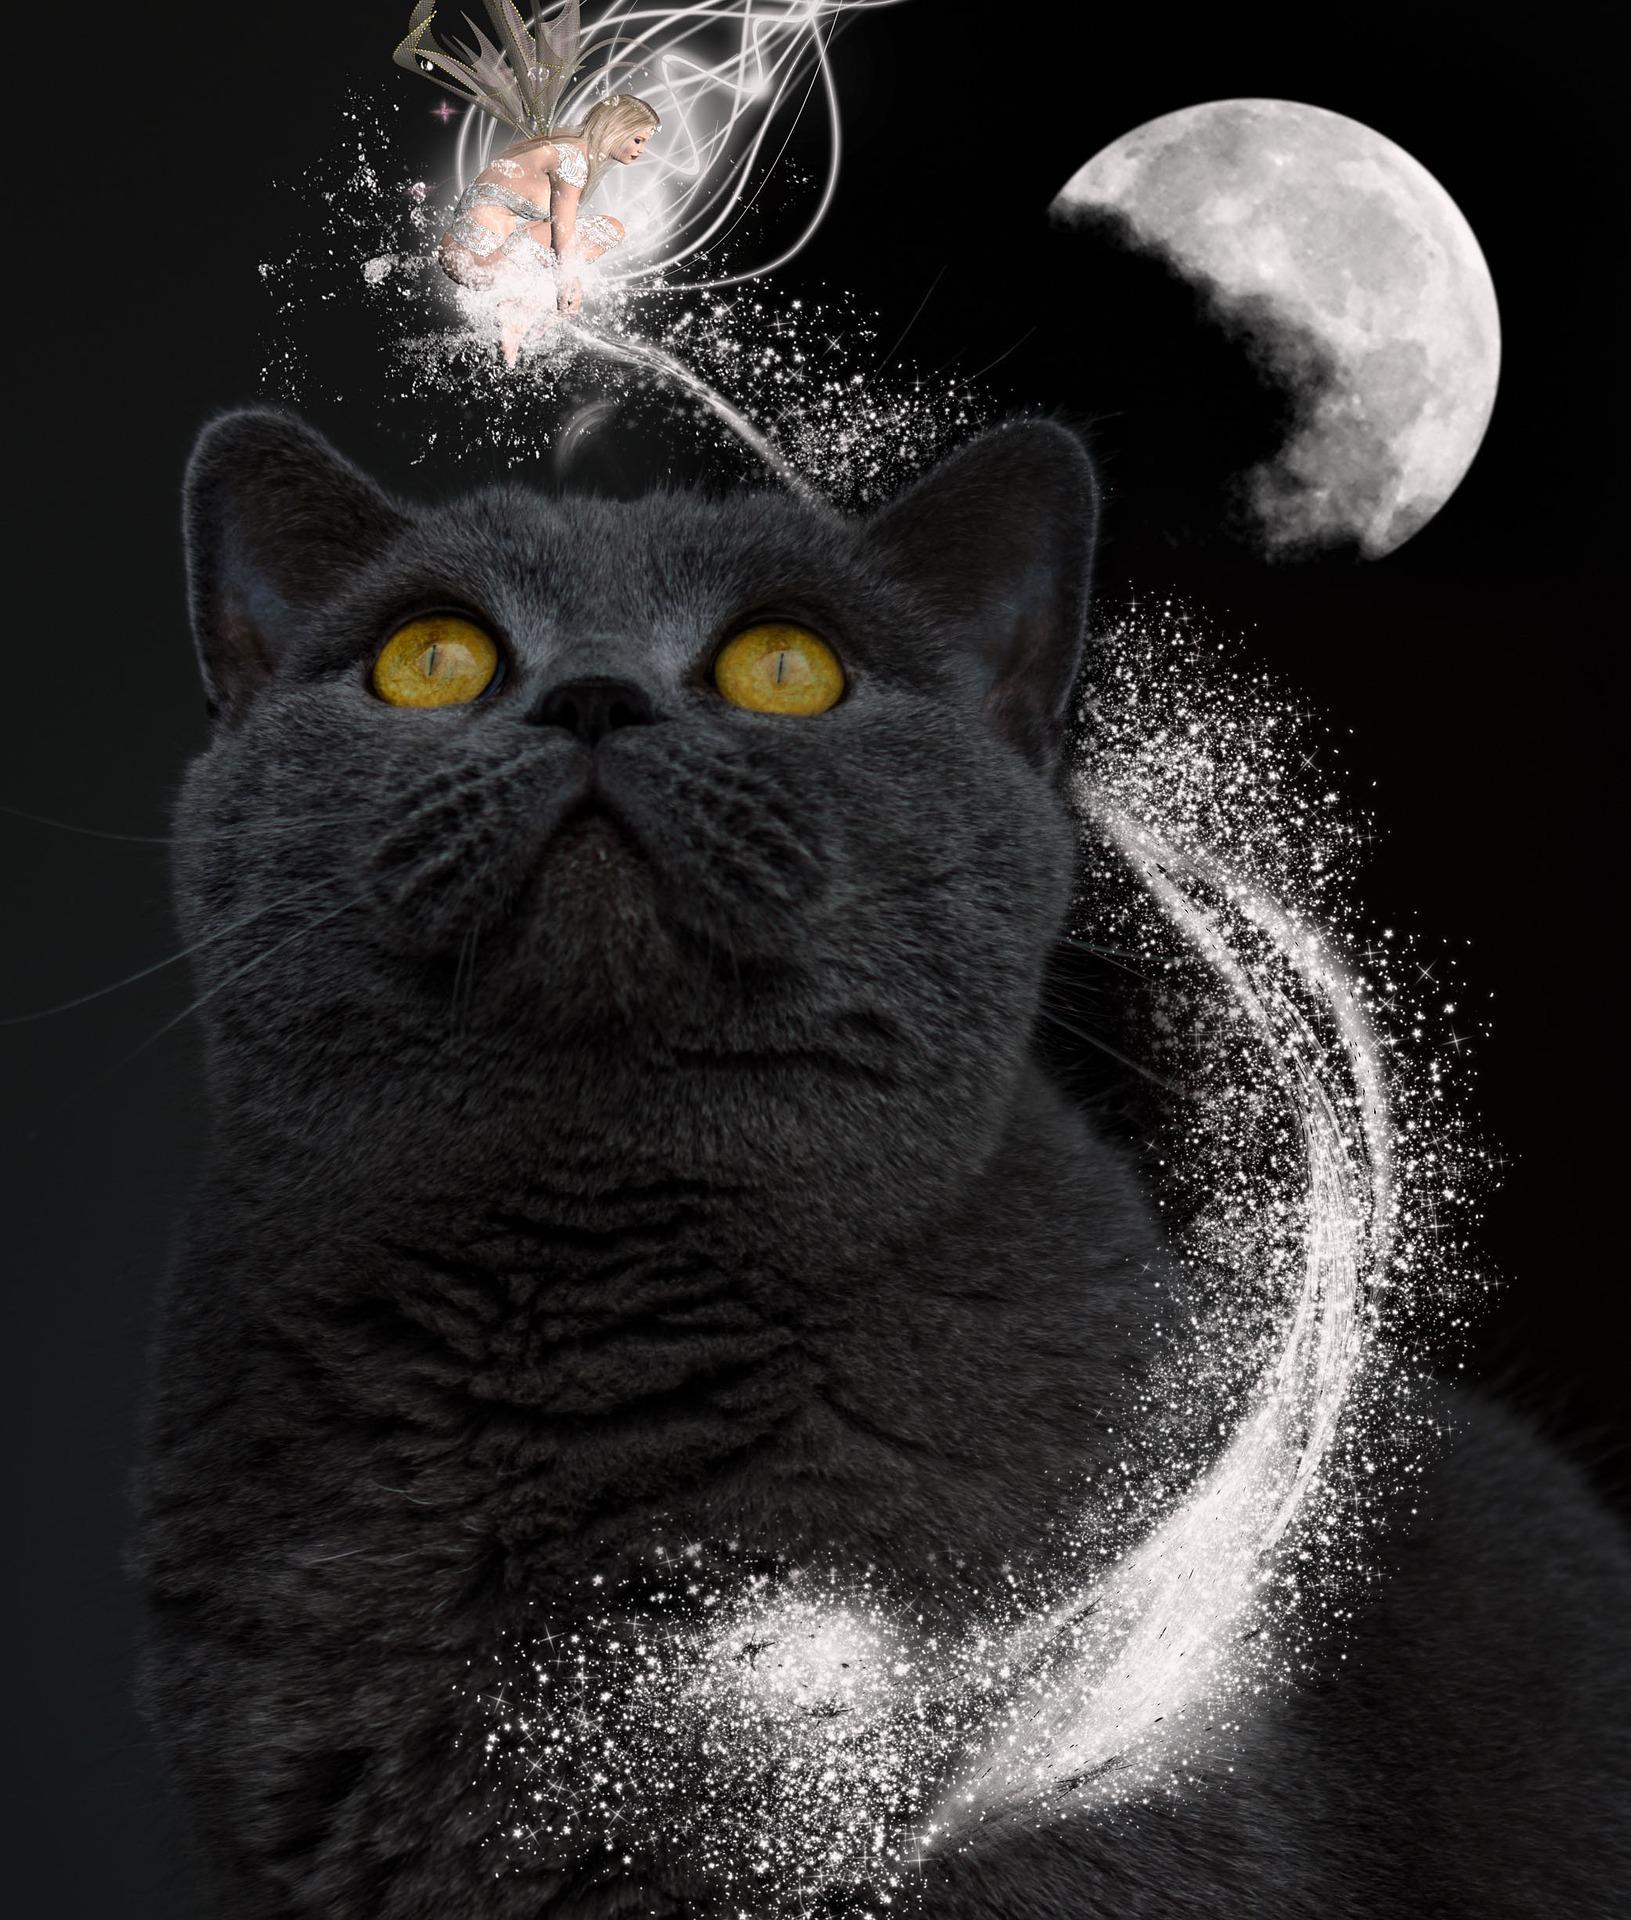 wishing you a magickal full moon